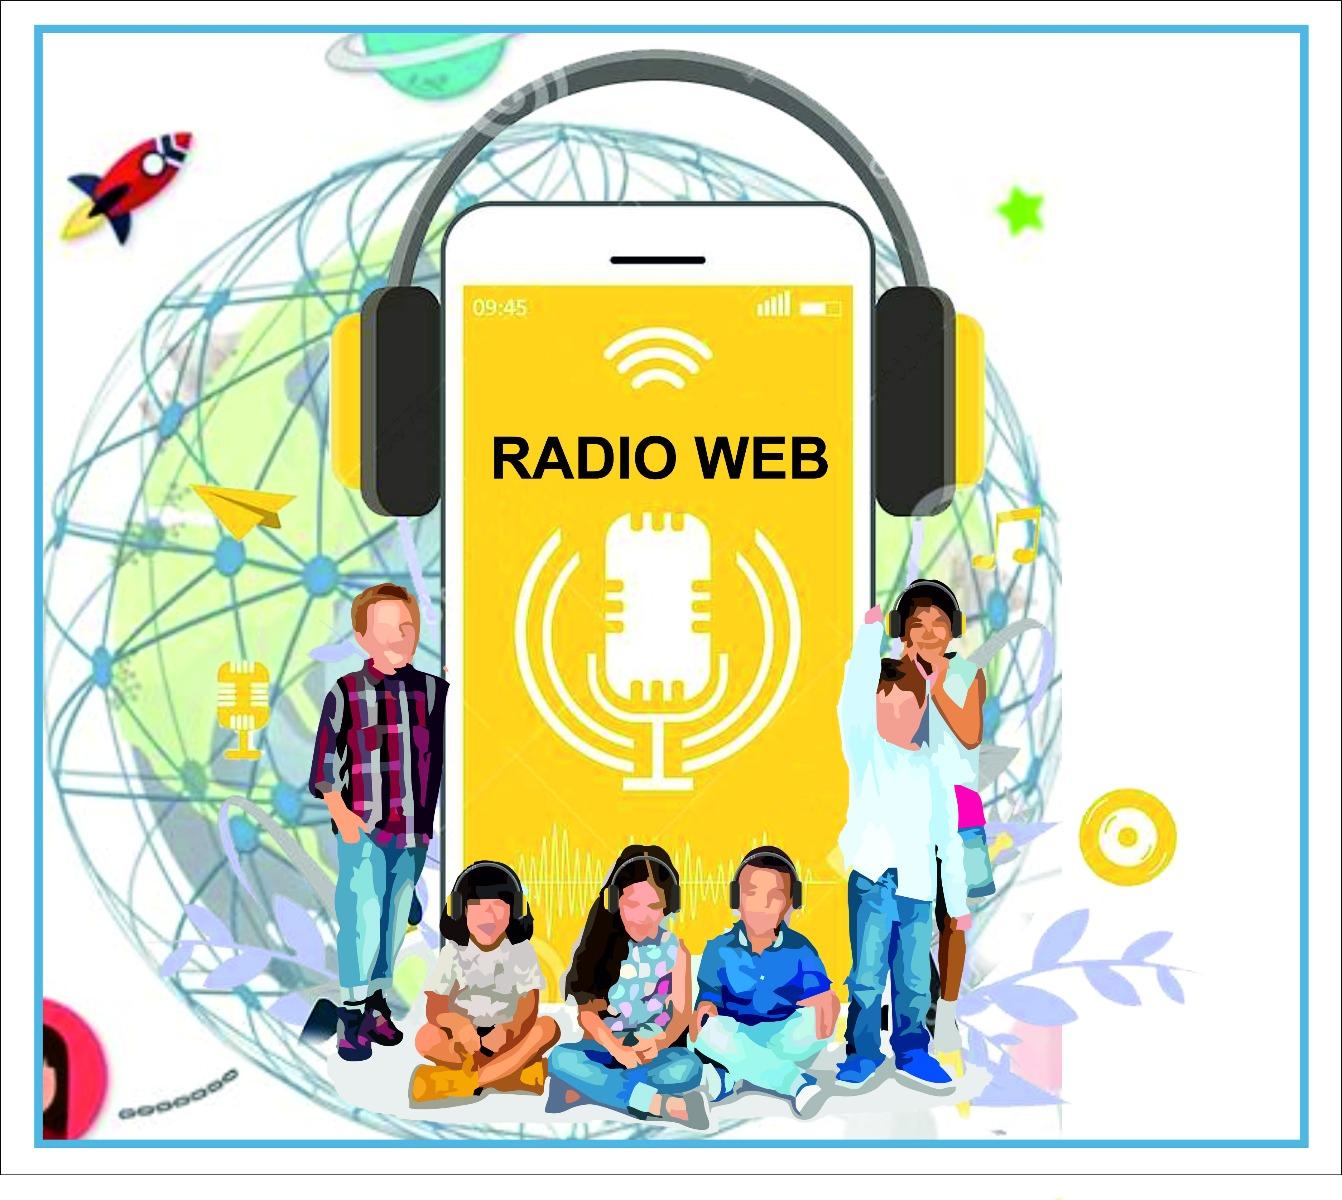 PROGETTO WEB RADIO